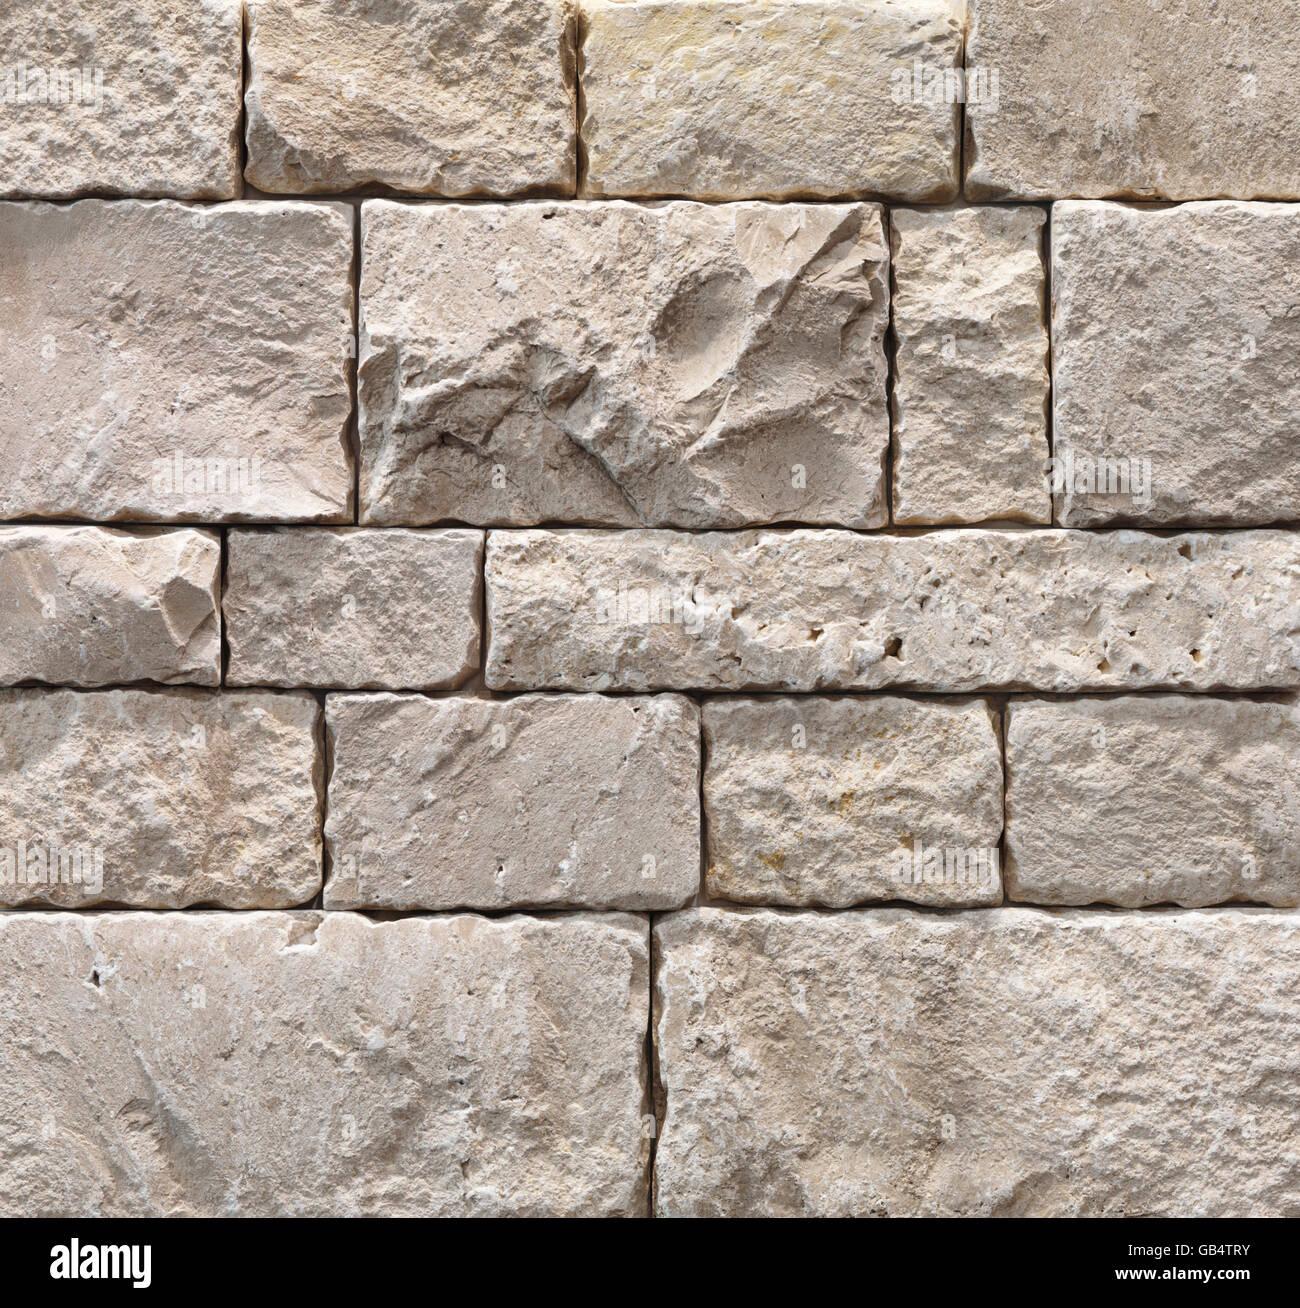 L'avorio durango splitface piastrelle, esterno di finitura della pietra, texture, sfondo Immagini Stock